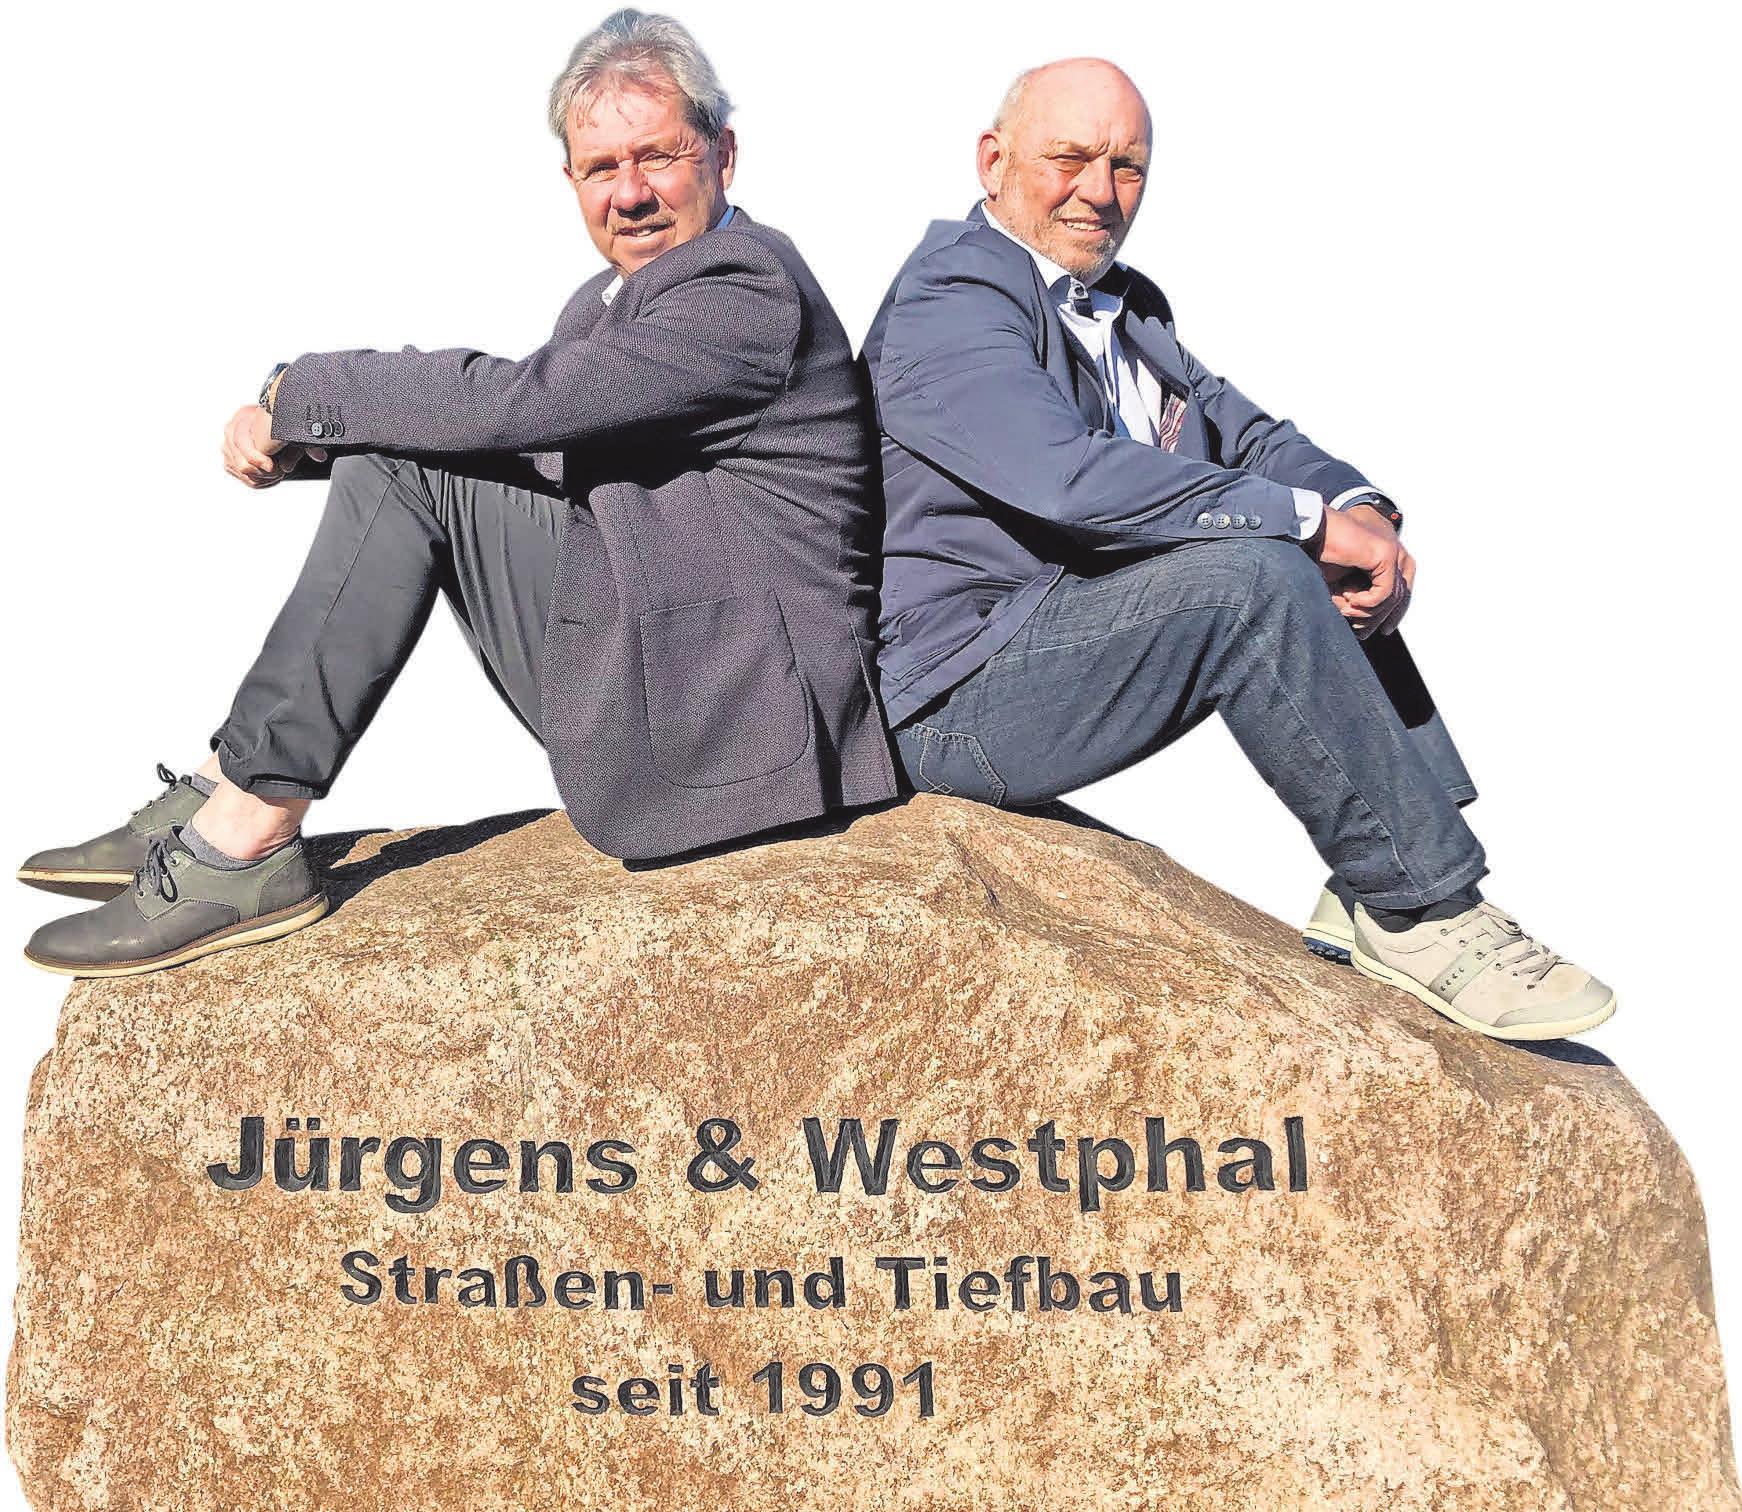 Rücken an Rücken durch die Jahrzehnte: Friedhelm Jürgens (l.) und Arno Westphal erhielten diesen Fels als Geschenk von der Belegschaft zum 25-jährigen Betriebsjubiläum.